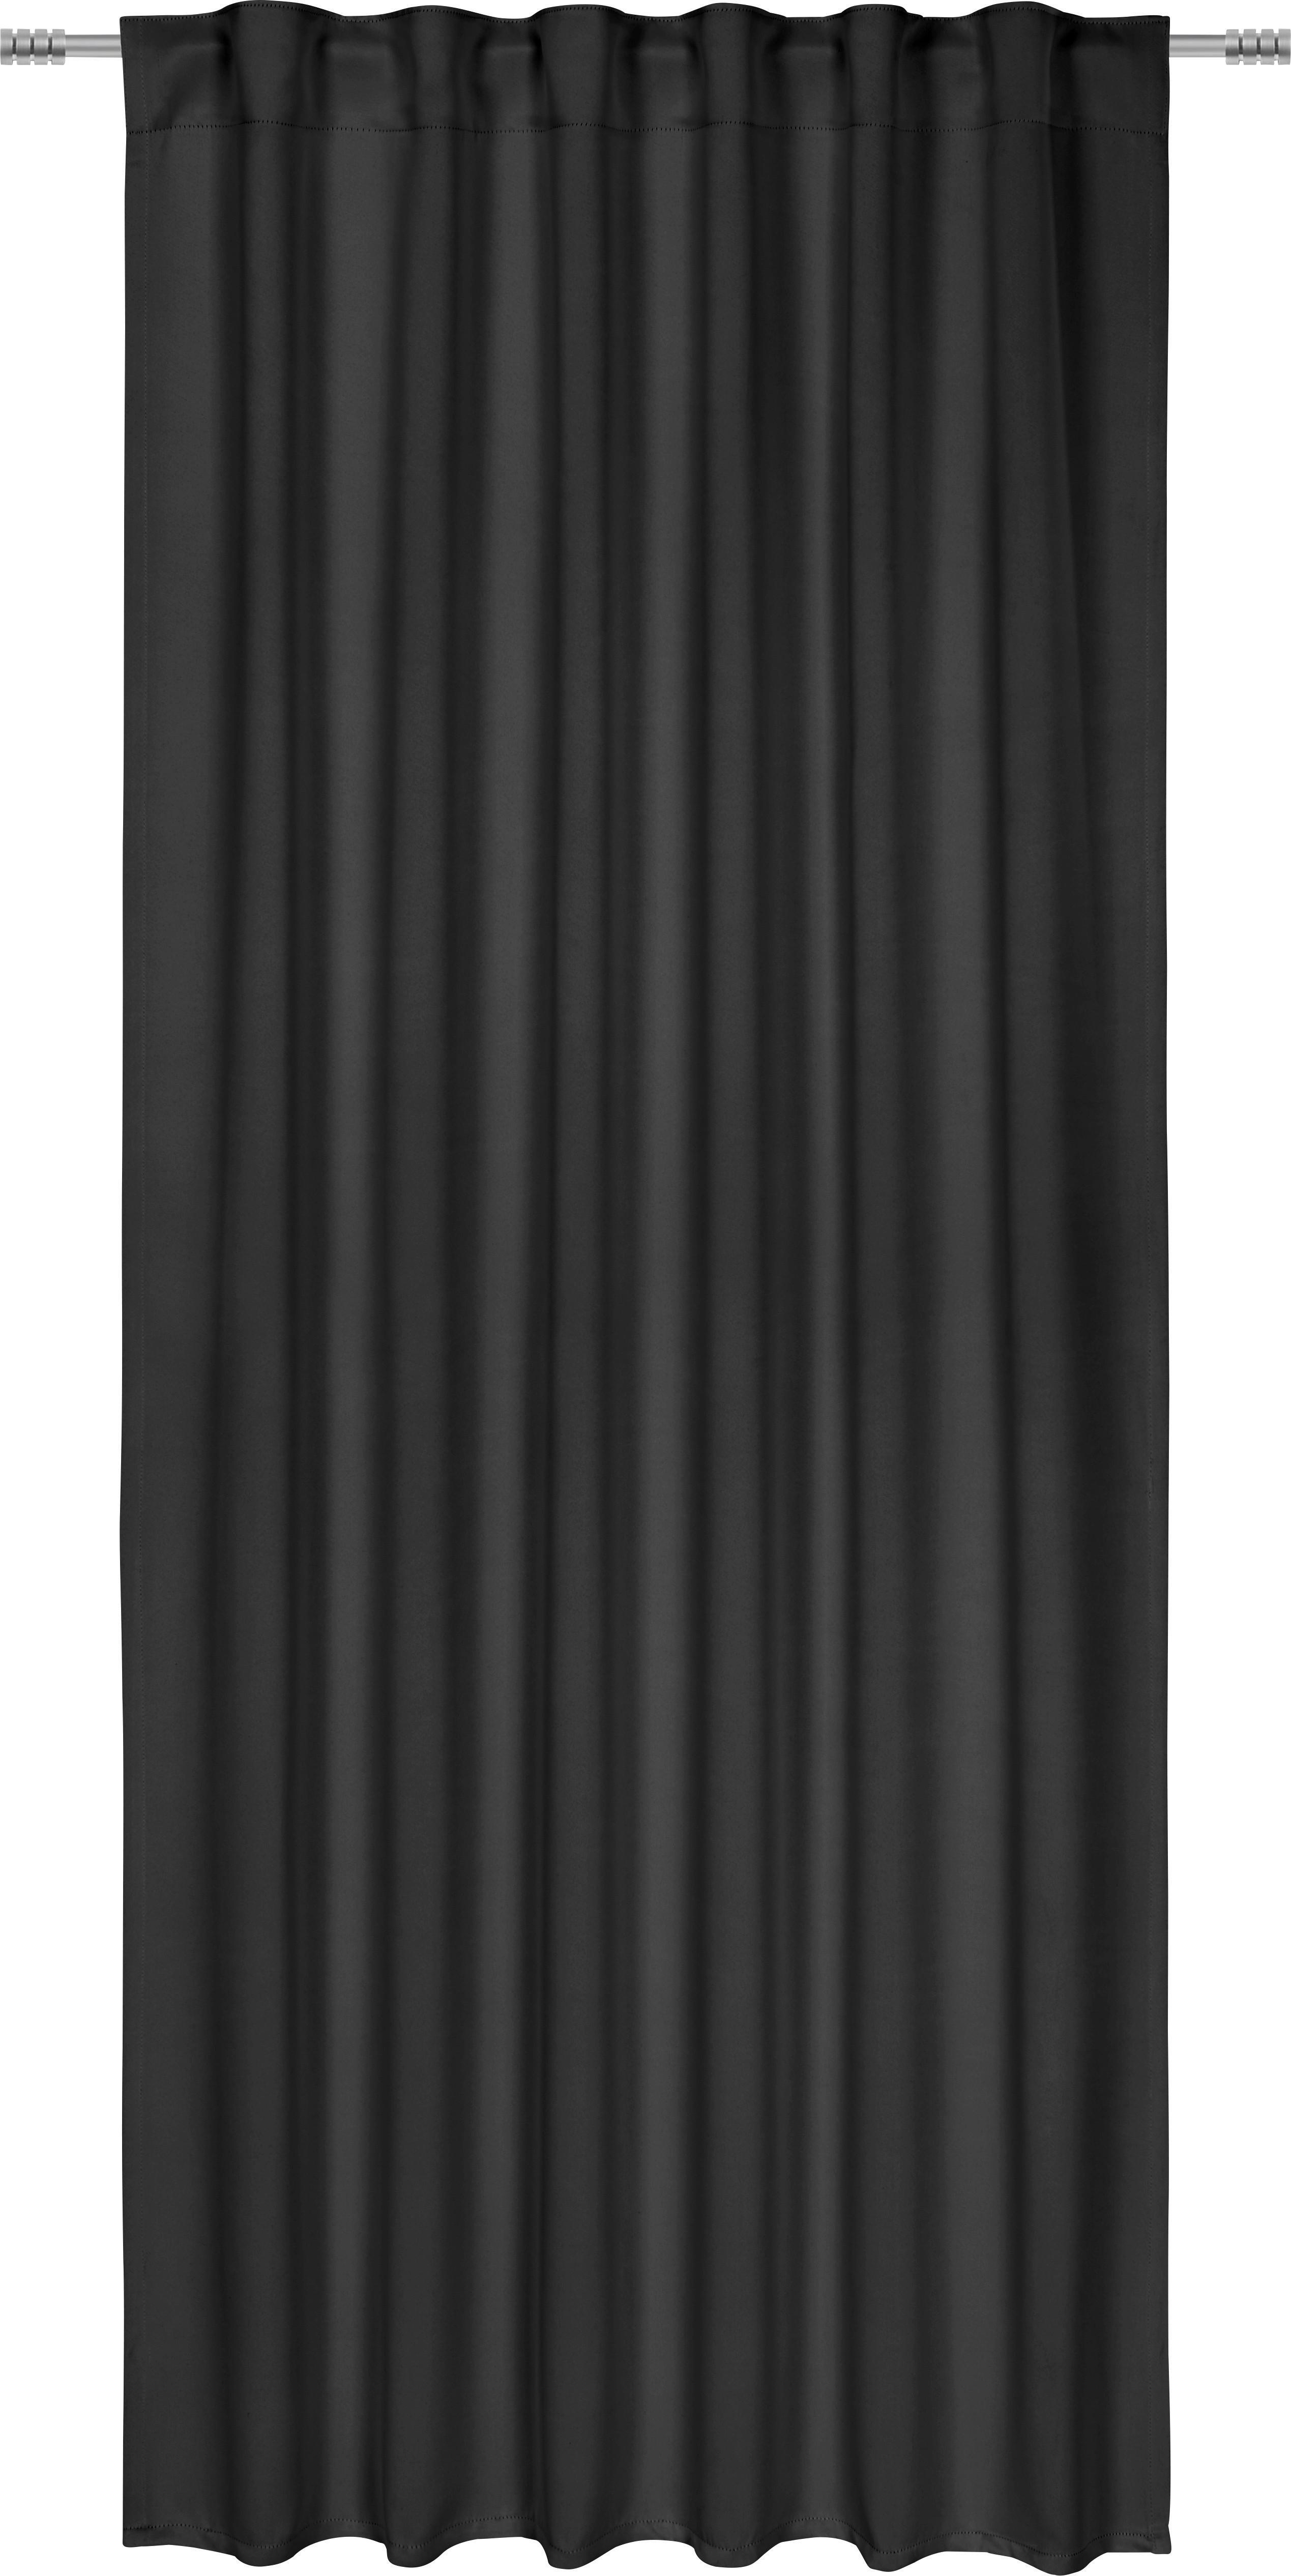 grau Thermogardine Vorh/änge 135 x 245 cm K/älte- und Hitzeschutz 2 x Verdunklungsvorhang Thermovorhang mit /Ösen